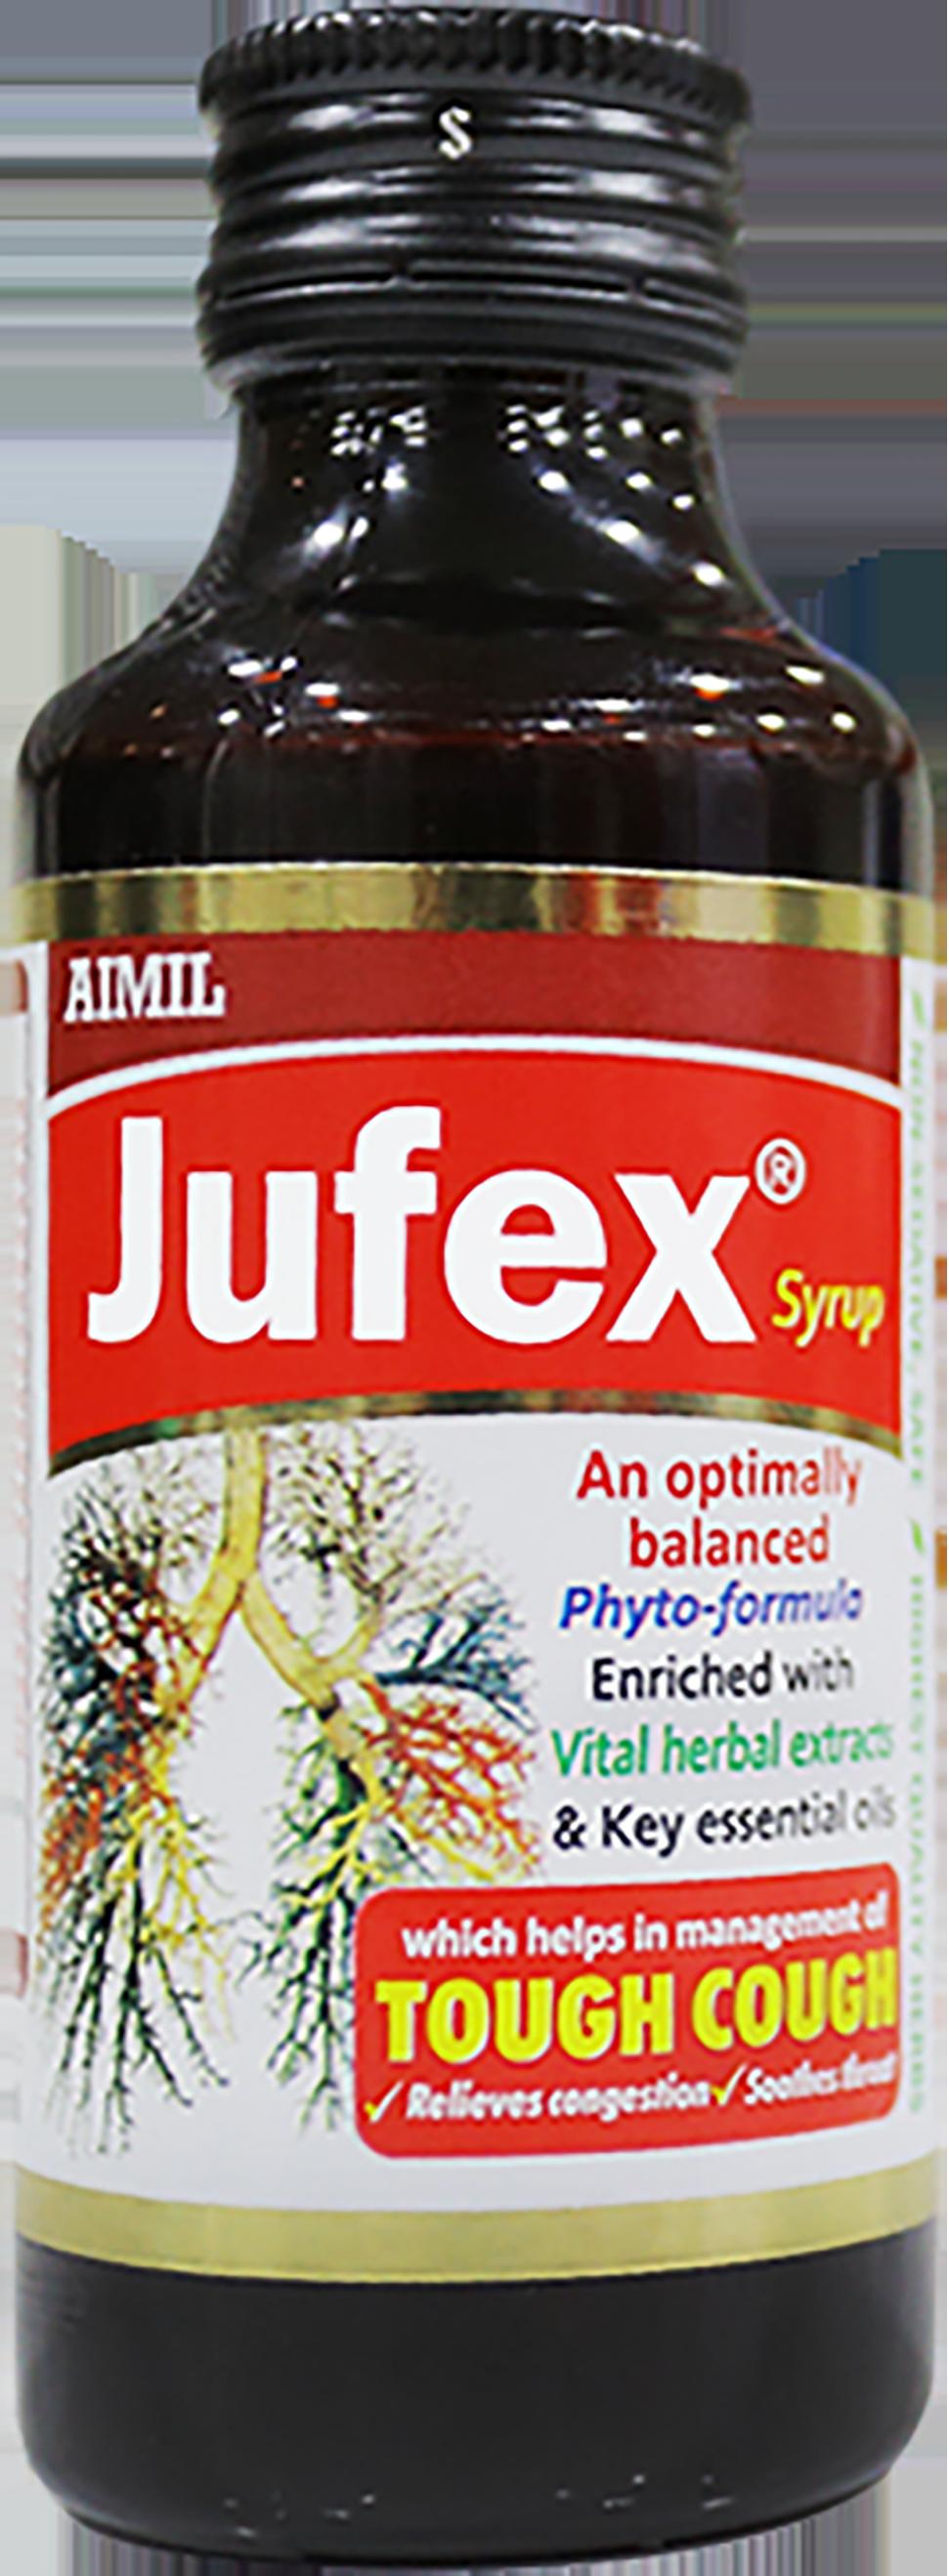 AIMIL - Jufex